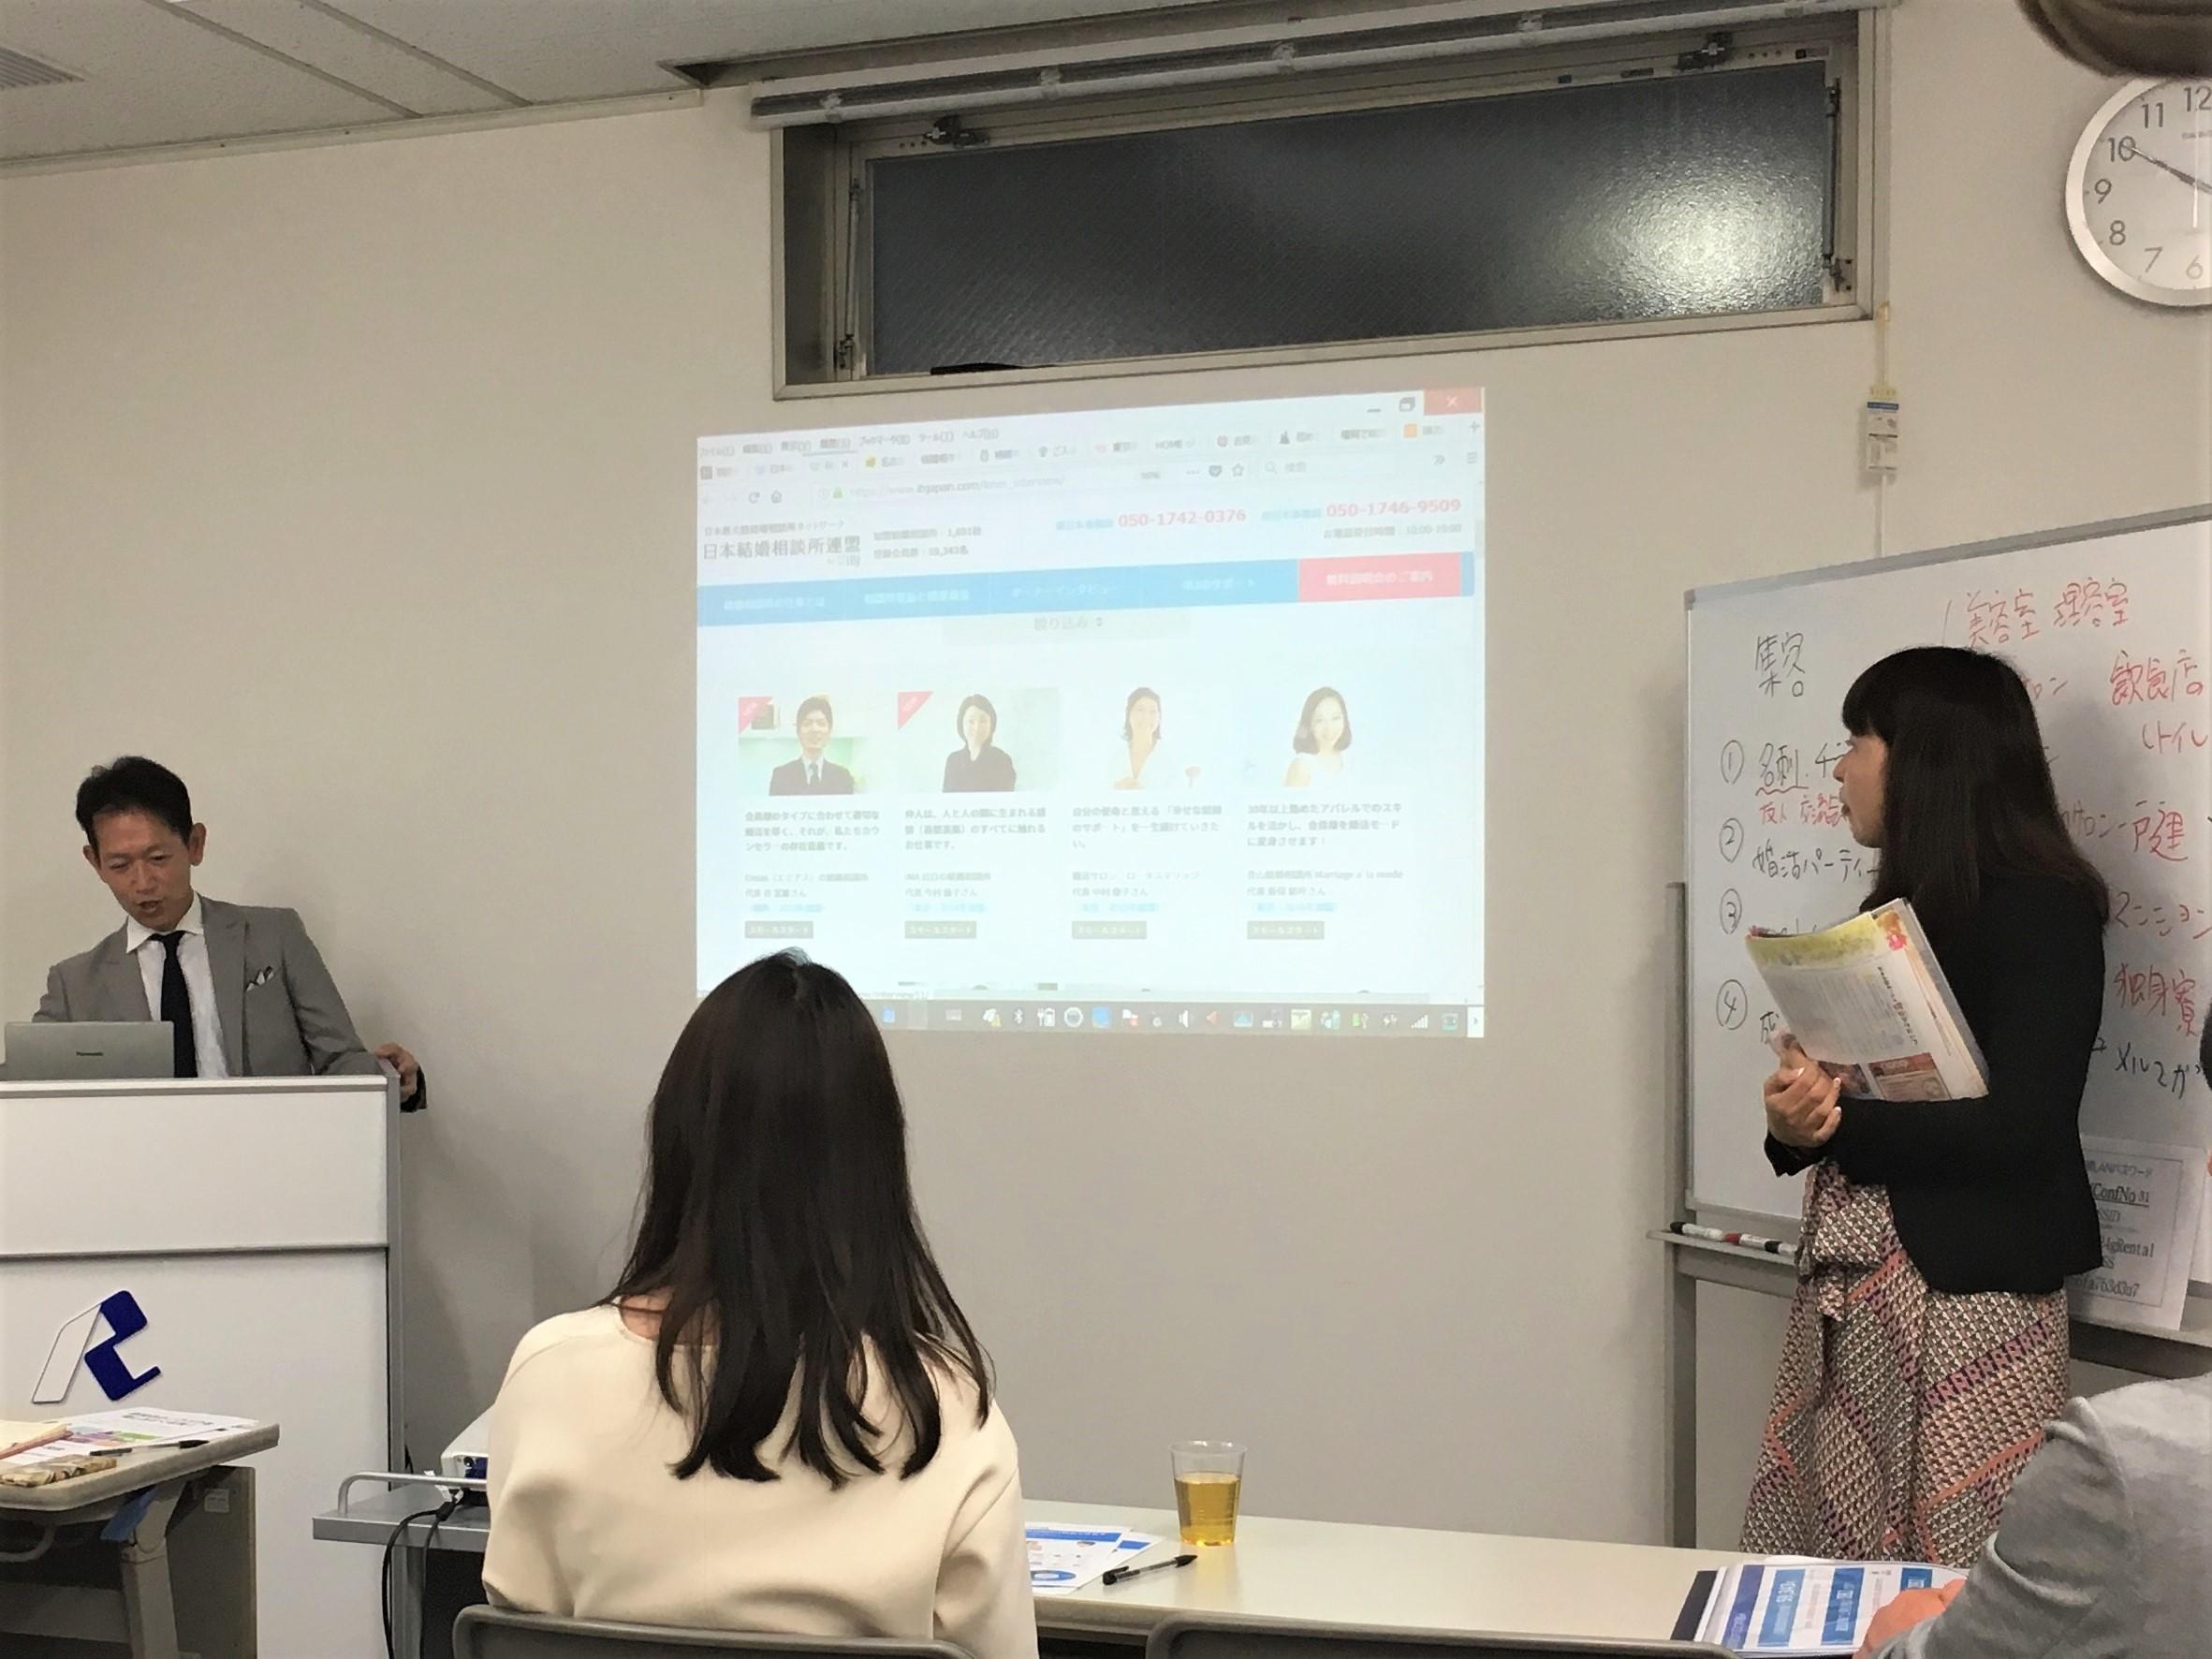 結婚相談所開業希望者の方へ☆2018年4月27日(金)IBJ開業検討者向けセミナー